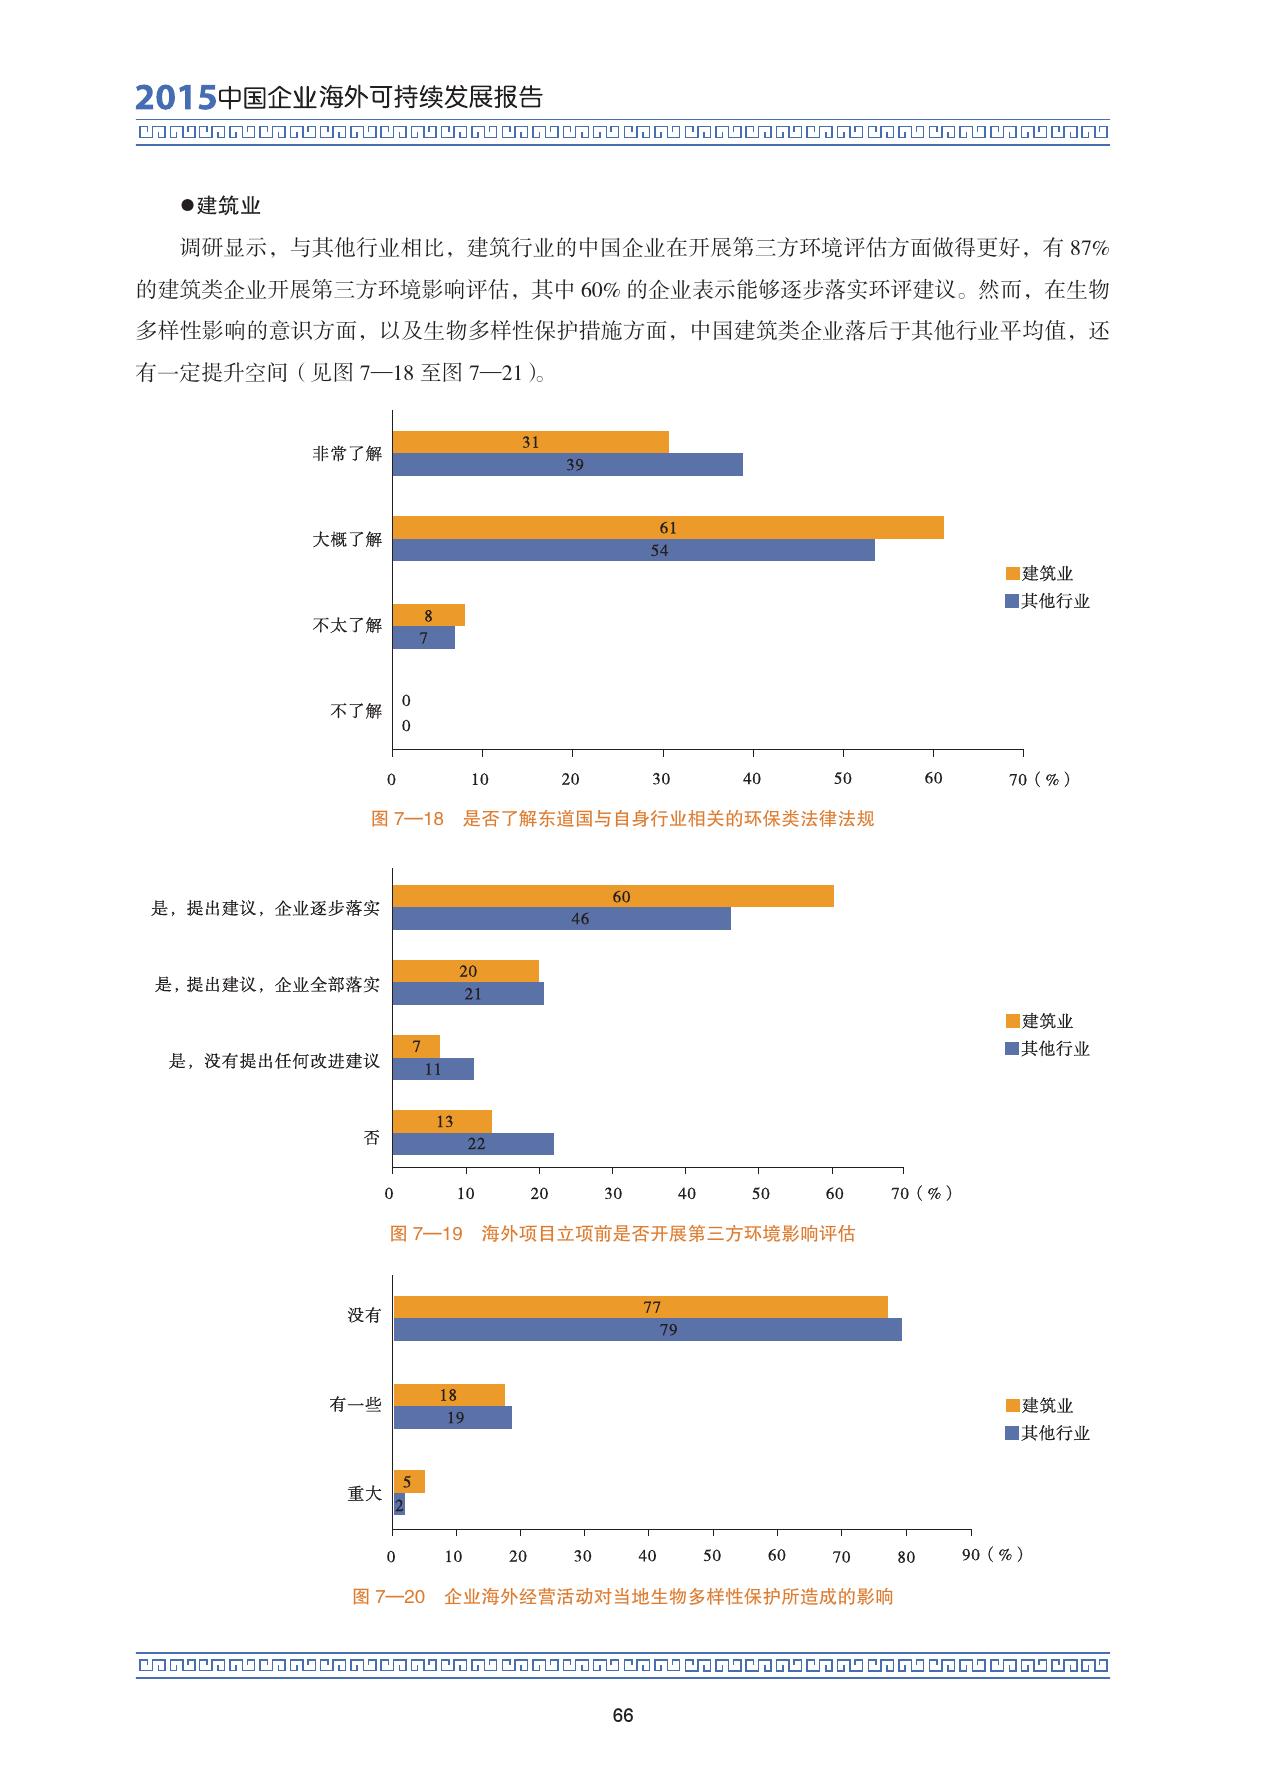 2015中国企业海外可持续发展报告_000080